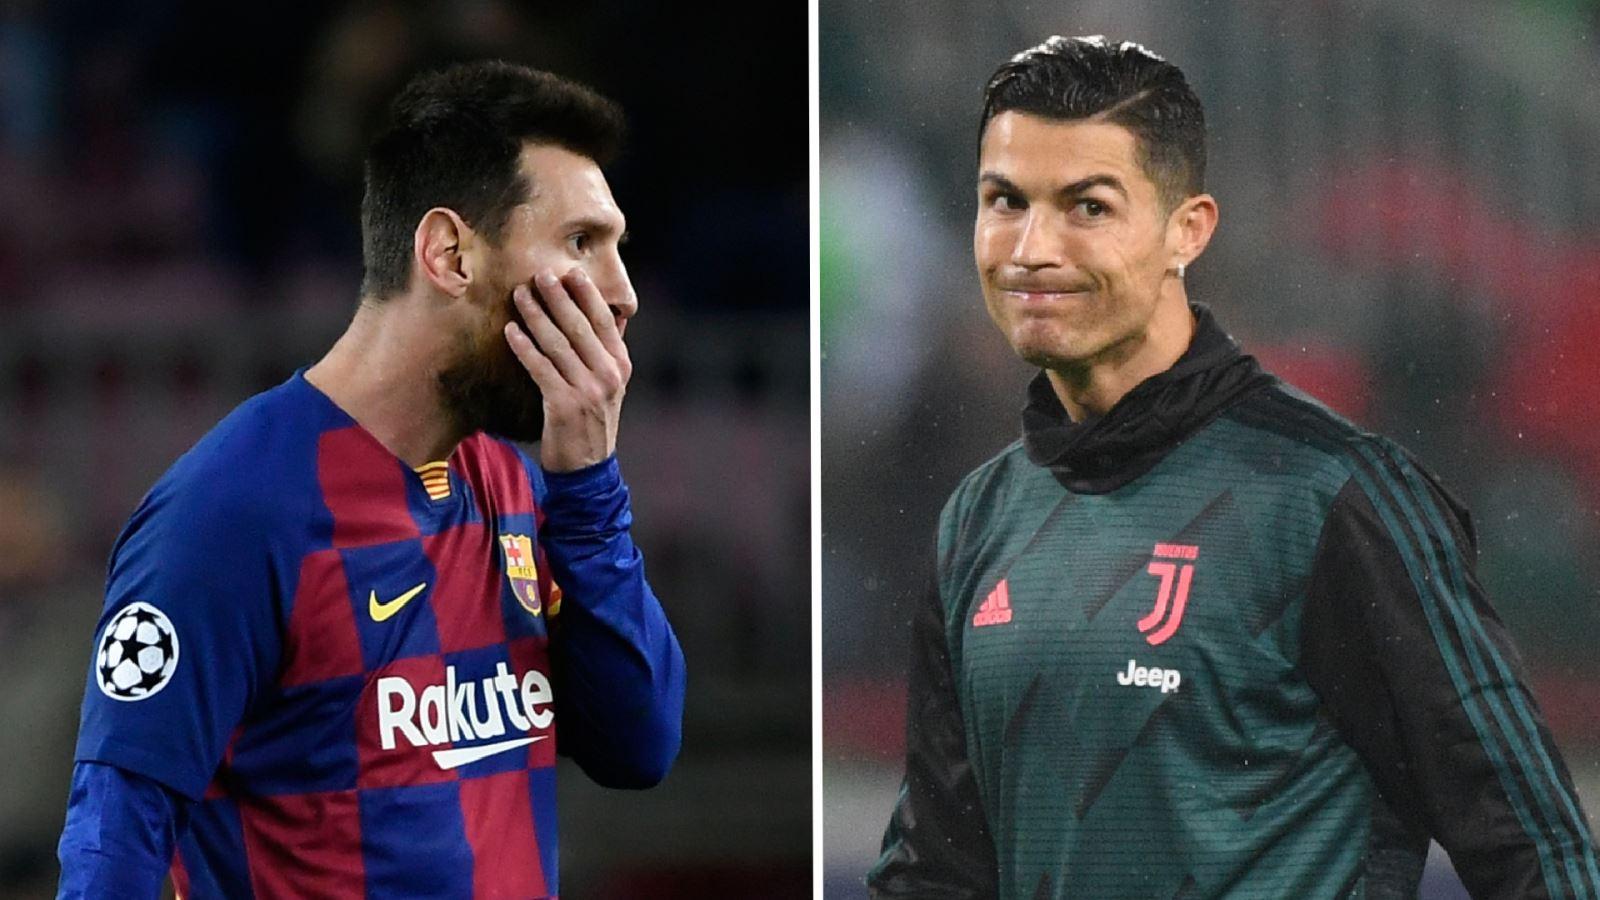 truc tiep bong da hôm nay, trực tiếp bóng đá, truc tiep bong da, lich thi dau bong da hôm nay, bong da hom nay, bóng đá, bong da, Công Phượng, STVV, Messi, Ronaldo